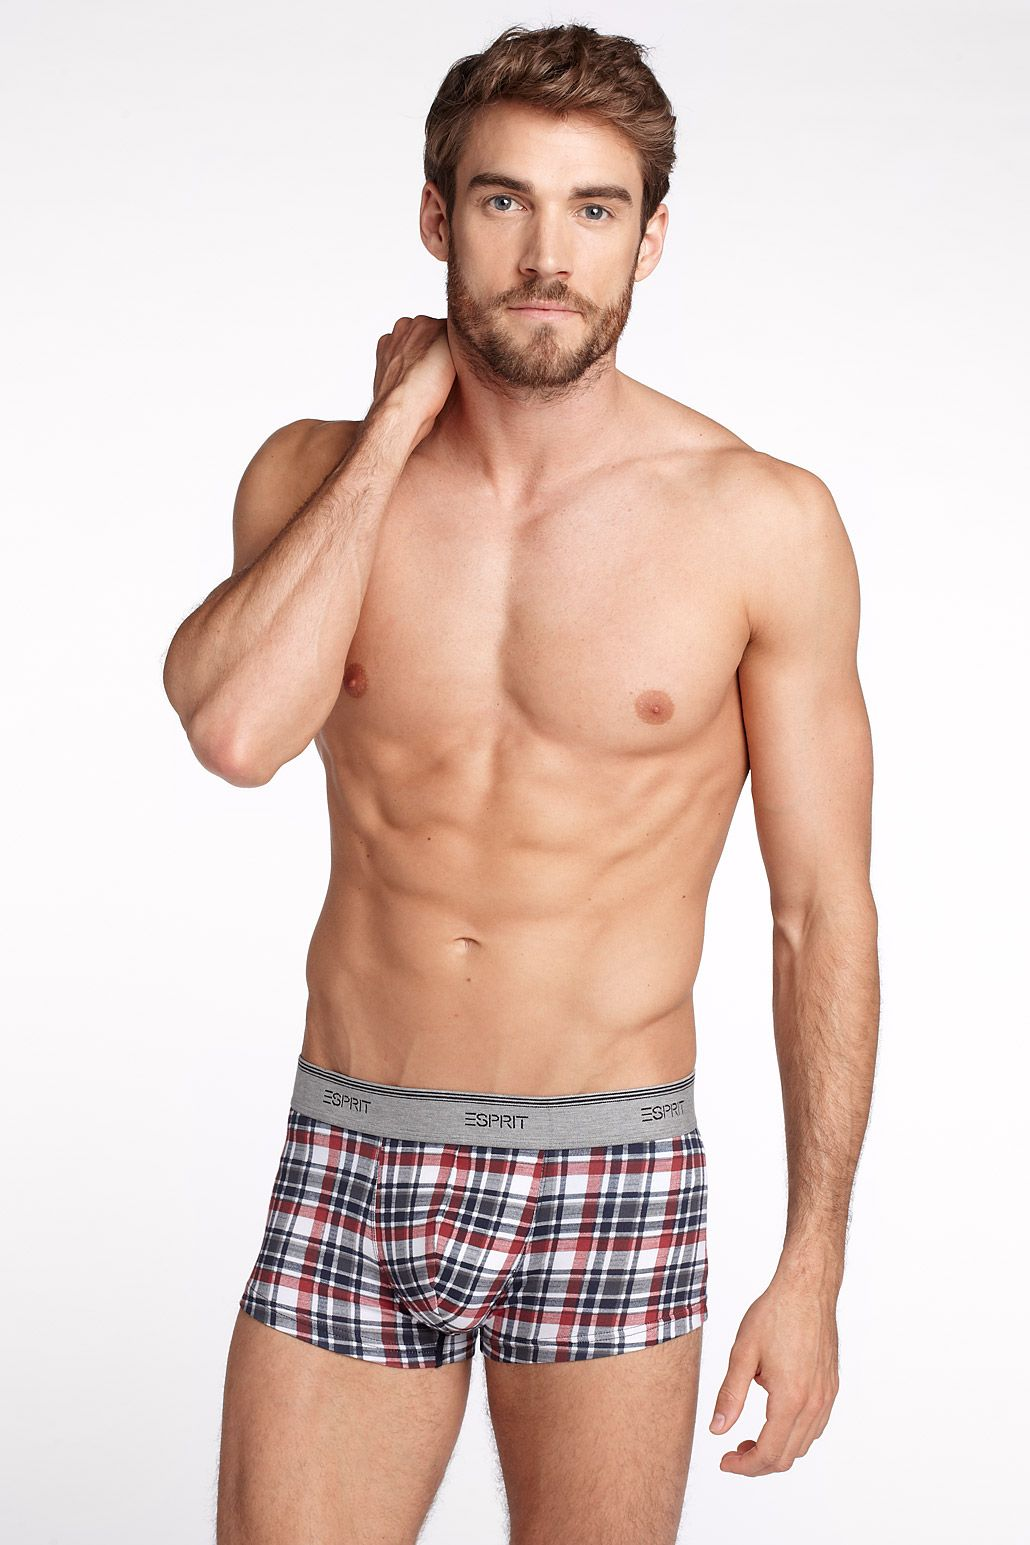 esprit underwear